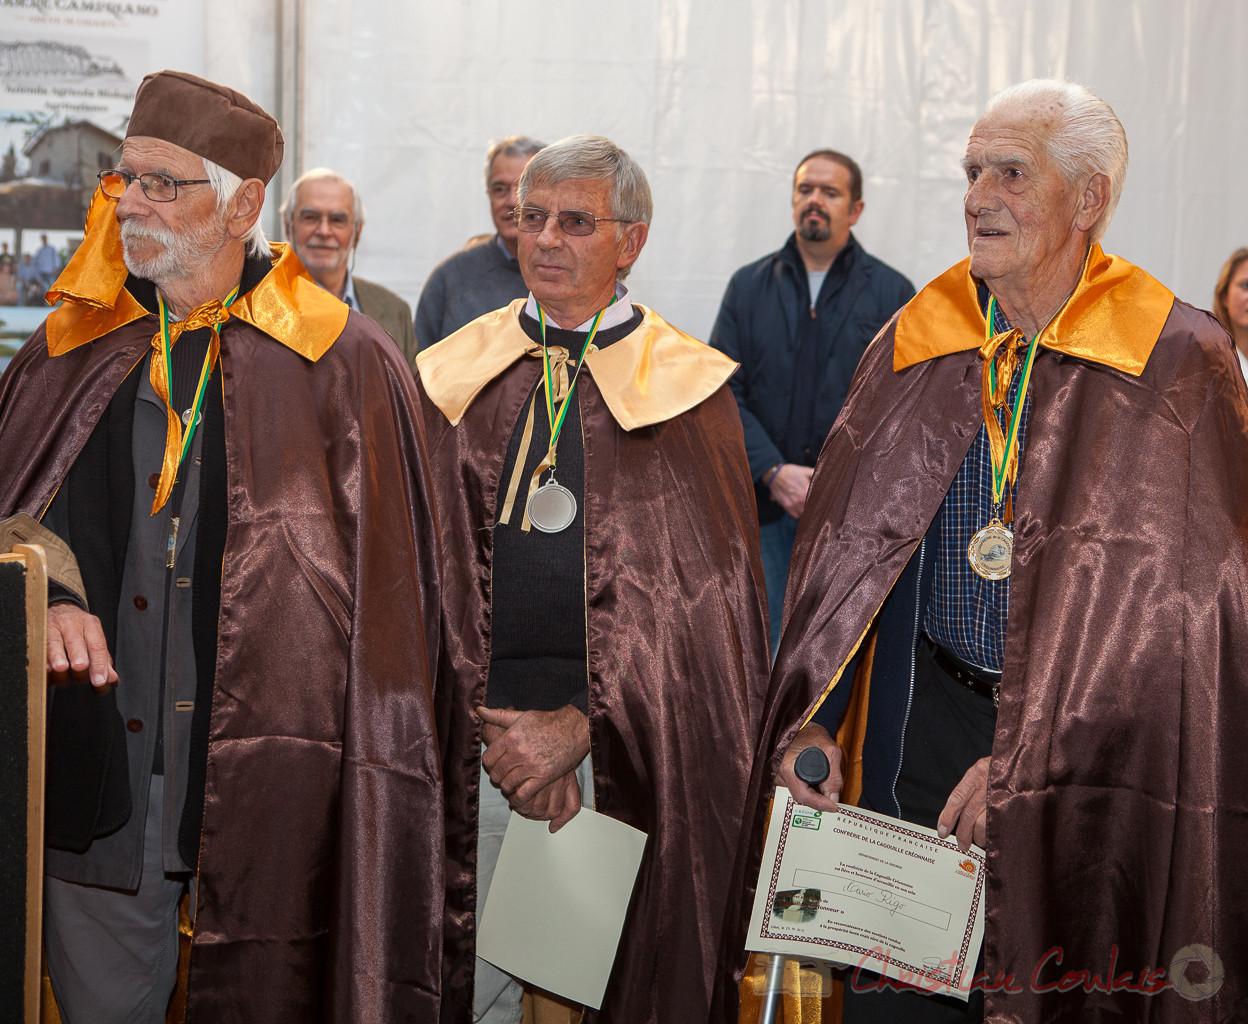 Jean-Marc Rigo, Maurice Roumage, Mario Rigo, Confrérie de la Cagouille Créonnaise